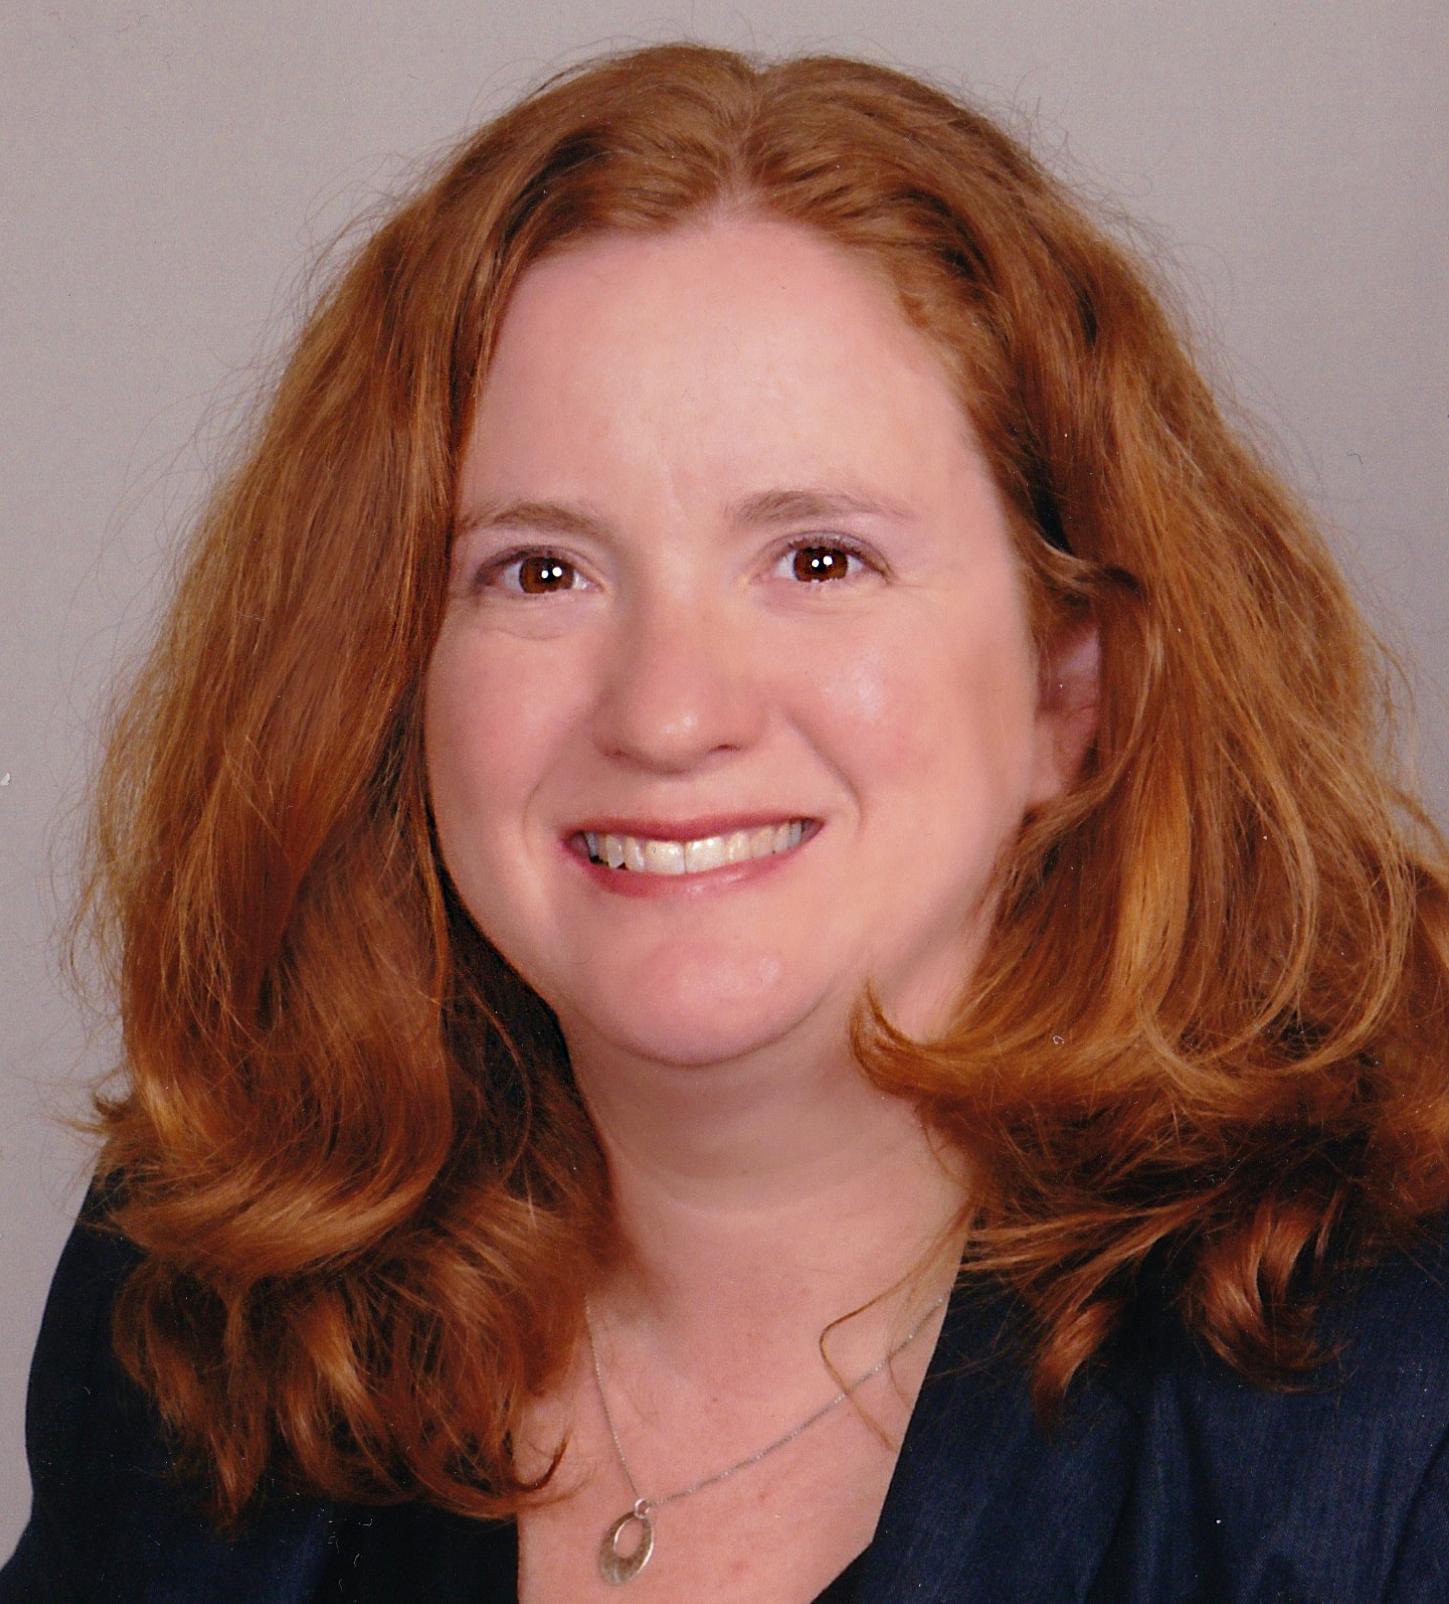 Photo of Cheryl Buersmeyer